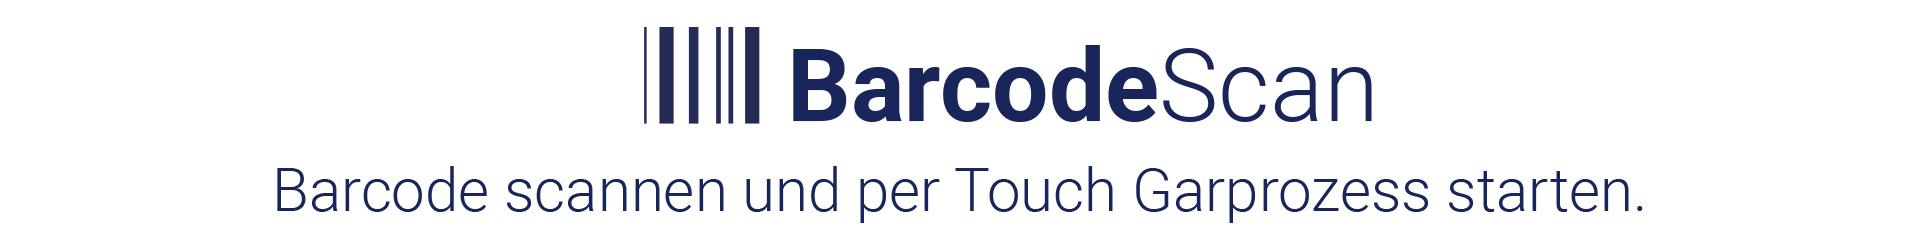 MKN BarcodeScan Banner